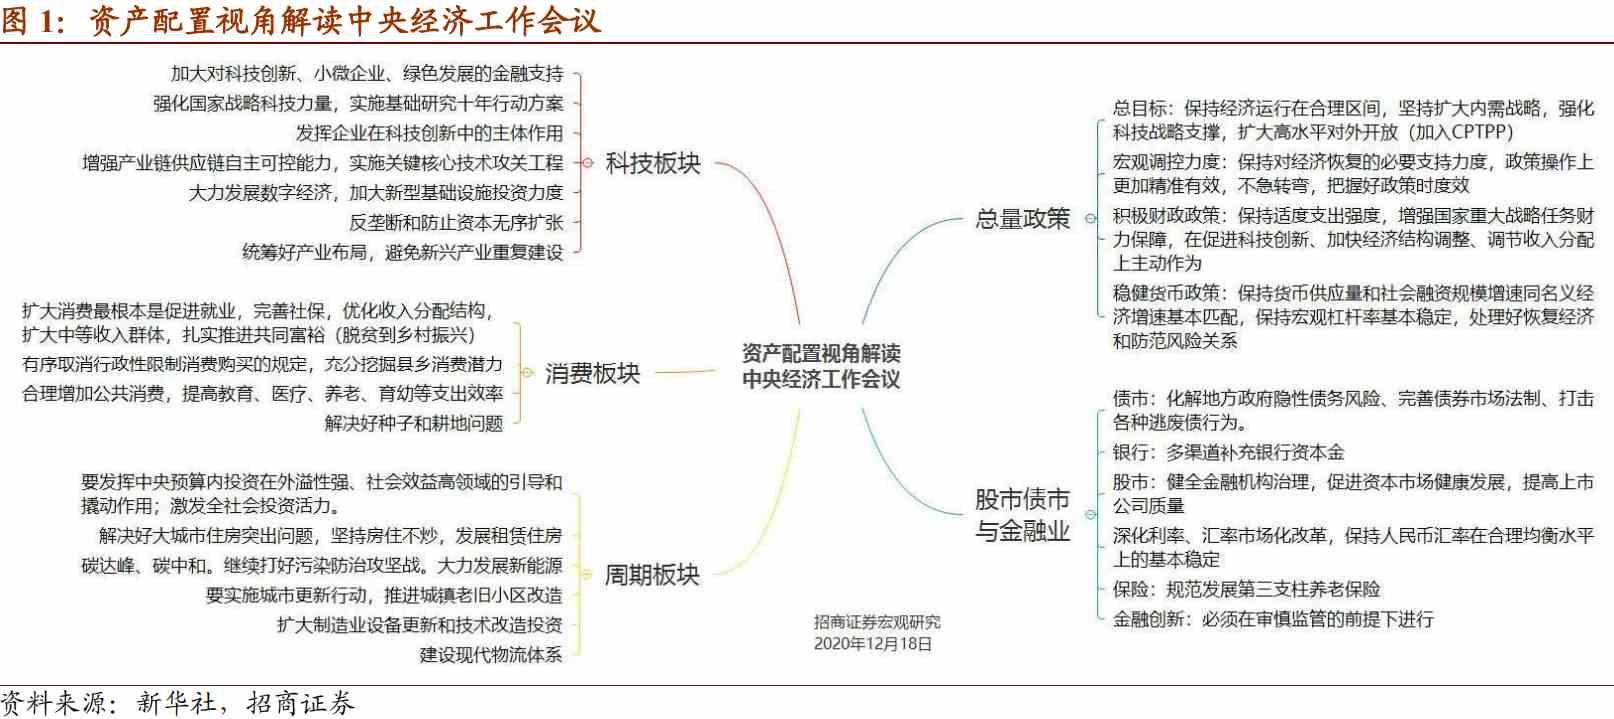 宏观精明投资:从资产配置角度解读中央经济工作会议